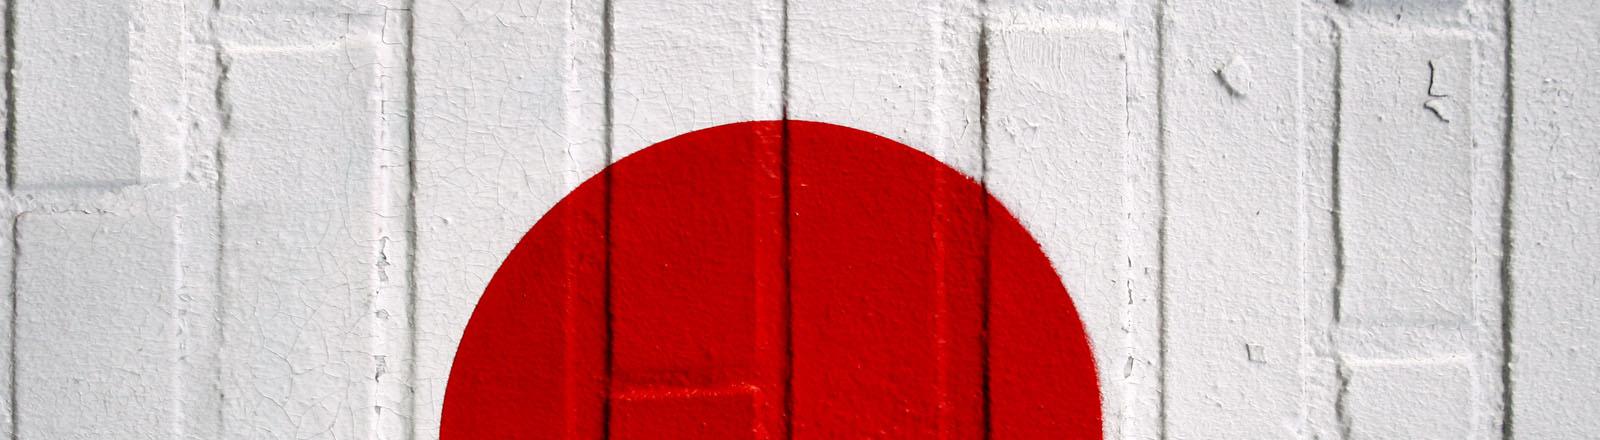 Roter Kreis auf weißer Wand.